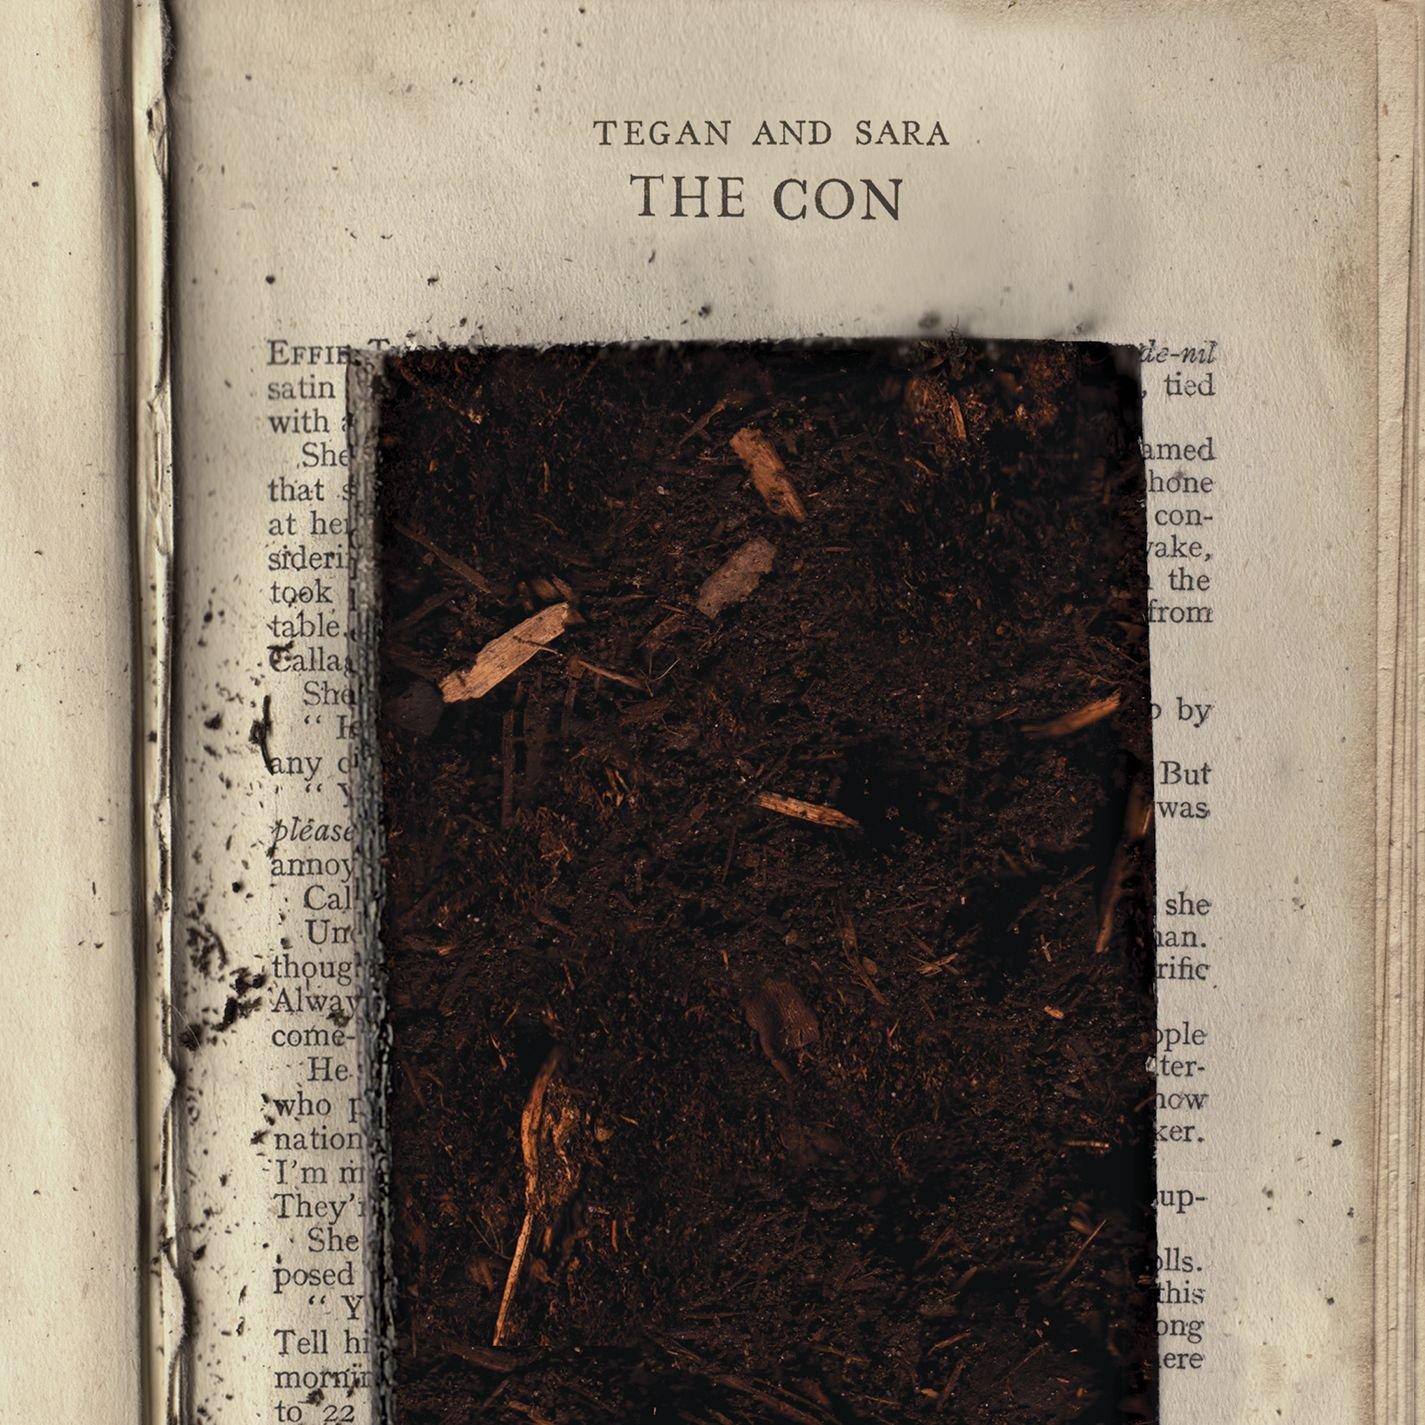 Vinilo : Tegan & Sara - The Con (Bonus CD, 2 Disc)